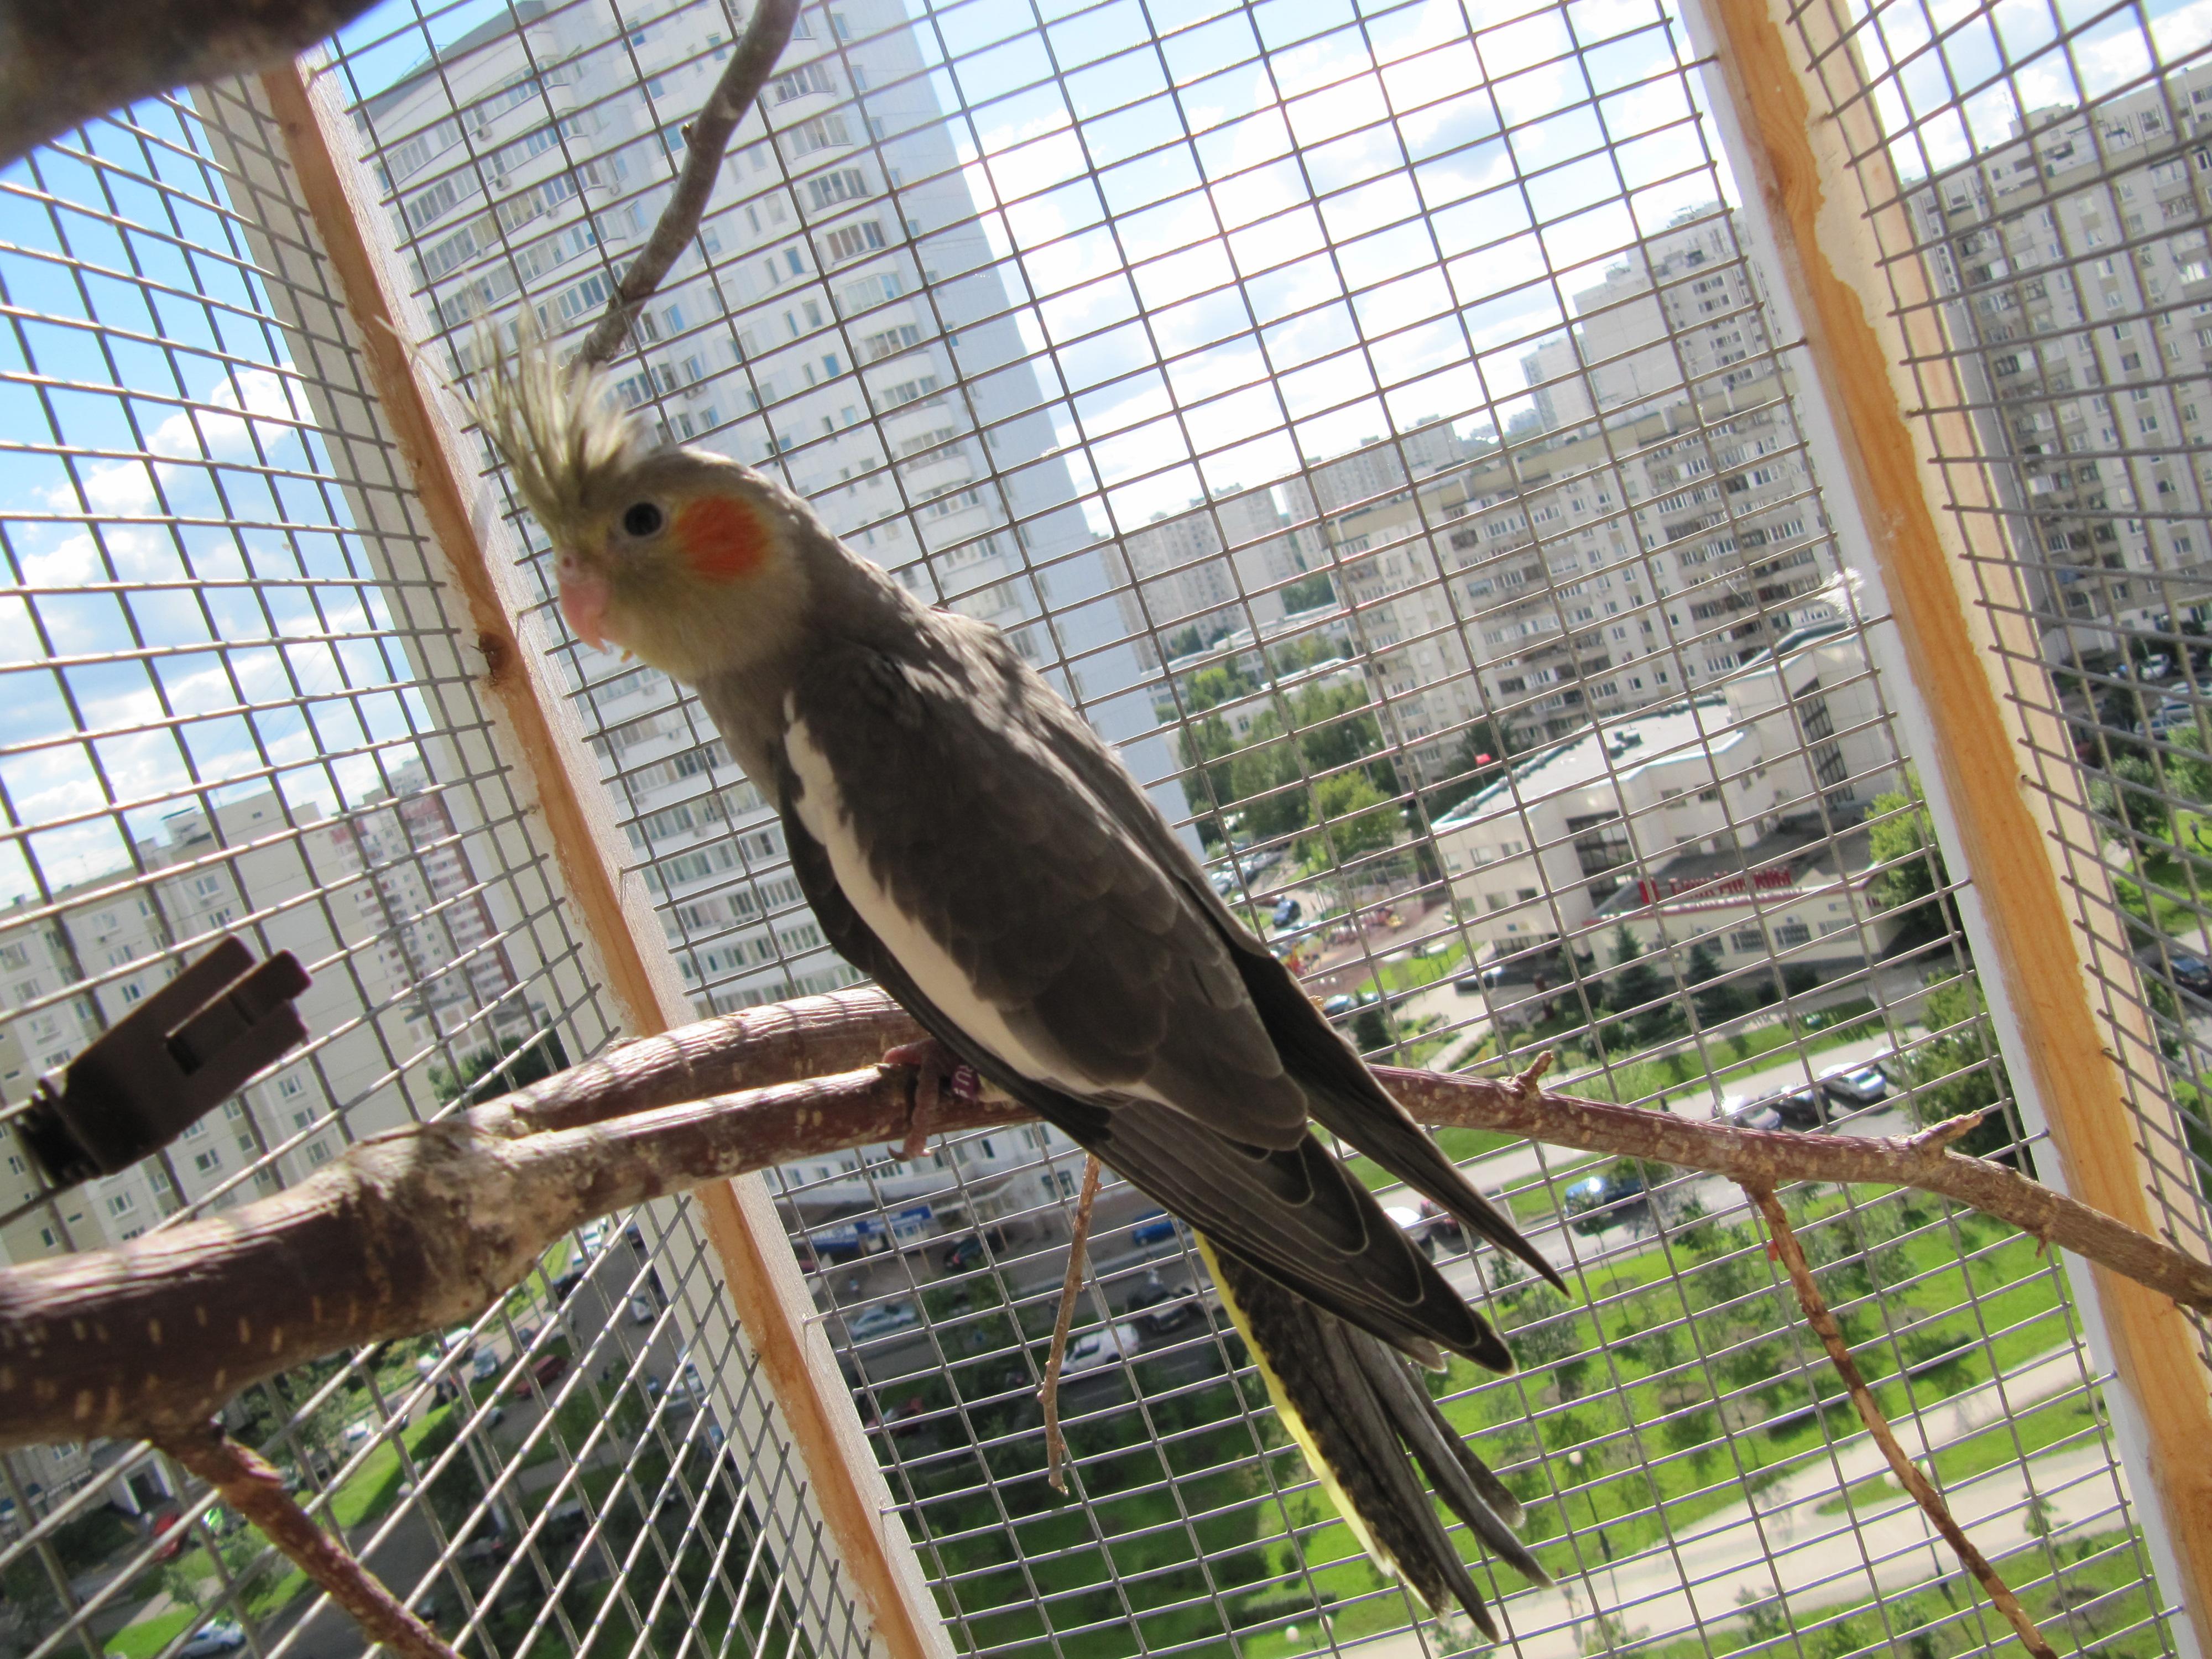 Попугай корелла - розовощекий певец. описание и фото попугая.